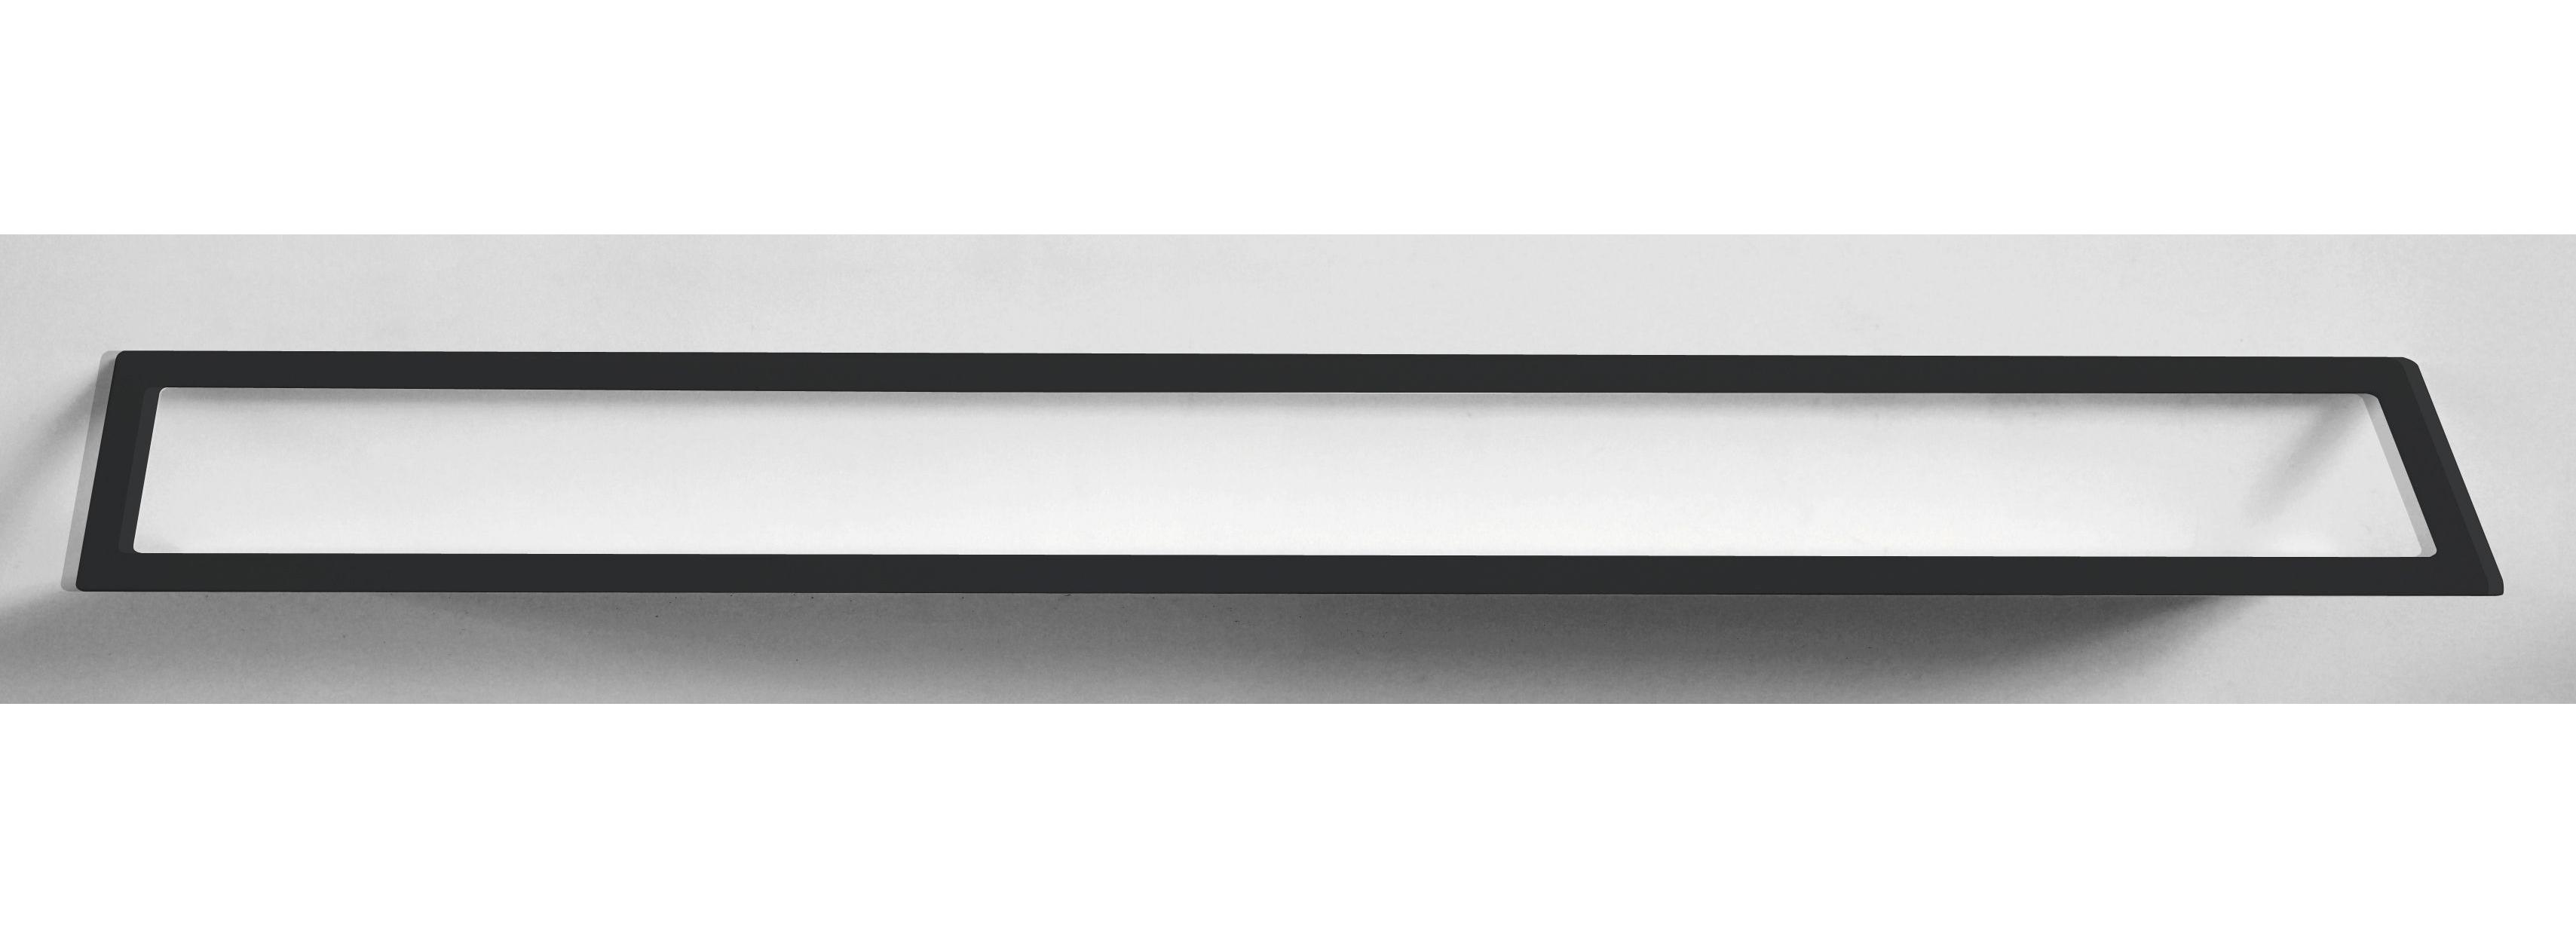 Arredamento - Scaffali e librerie - Scaffale Air - / L 240 cm di Zeus - Nero fosfatico - Acciaio fosfatato